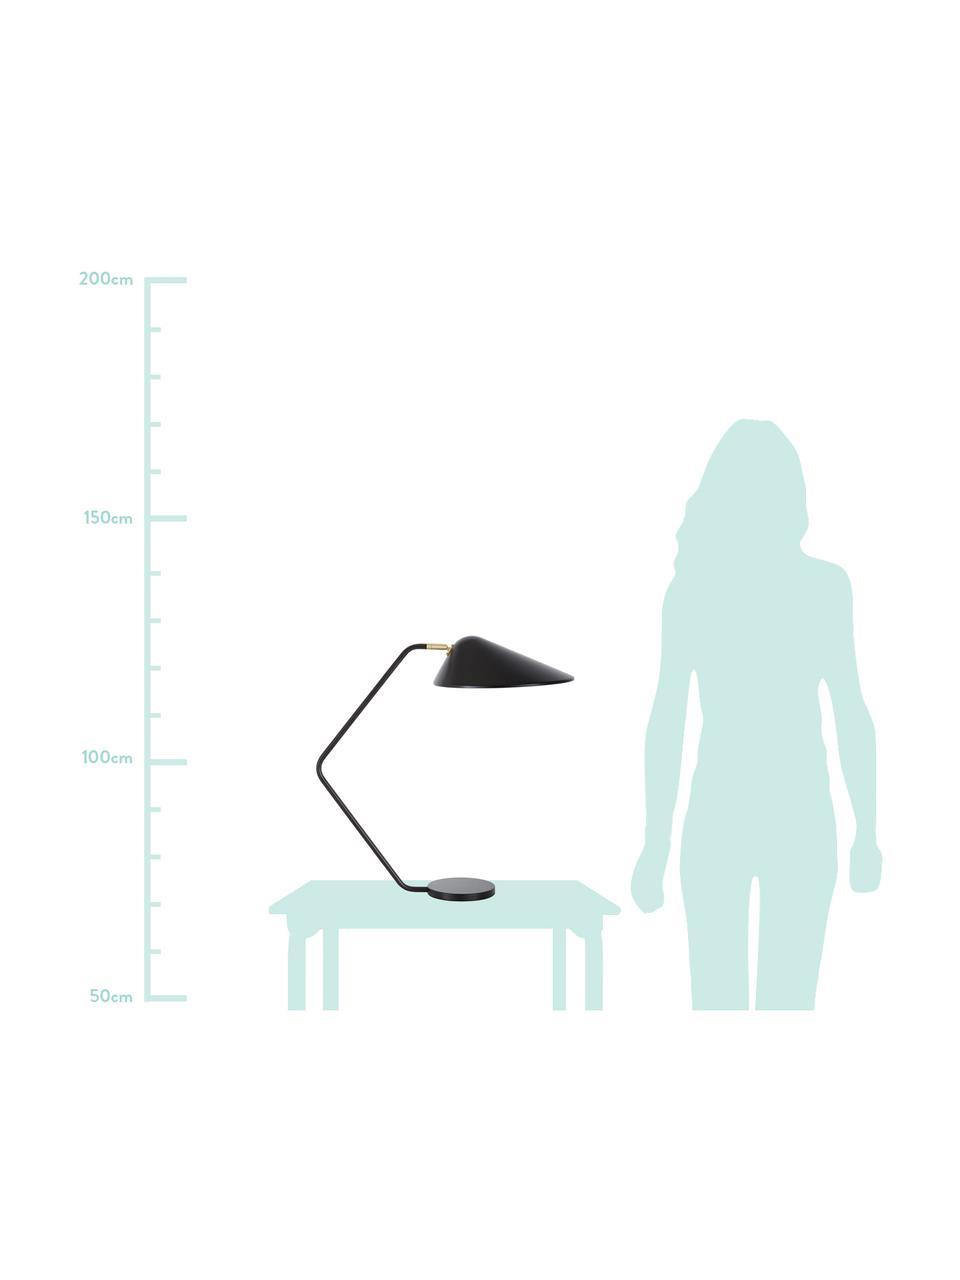 Große Schreibtischlampe Neron in Schwarz-Gold, Lampenschirm: Metall, pulverbeschichtet, Lampenfuß: Metall, pulverbeschichtet, Dekor: Metall, vermessingt, Black, 57 x 56 cm